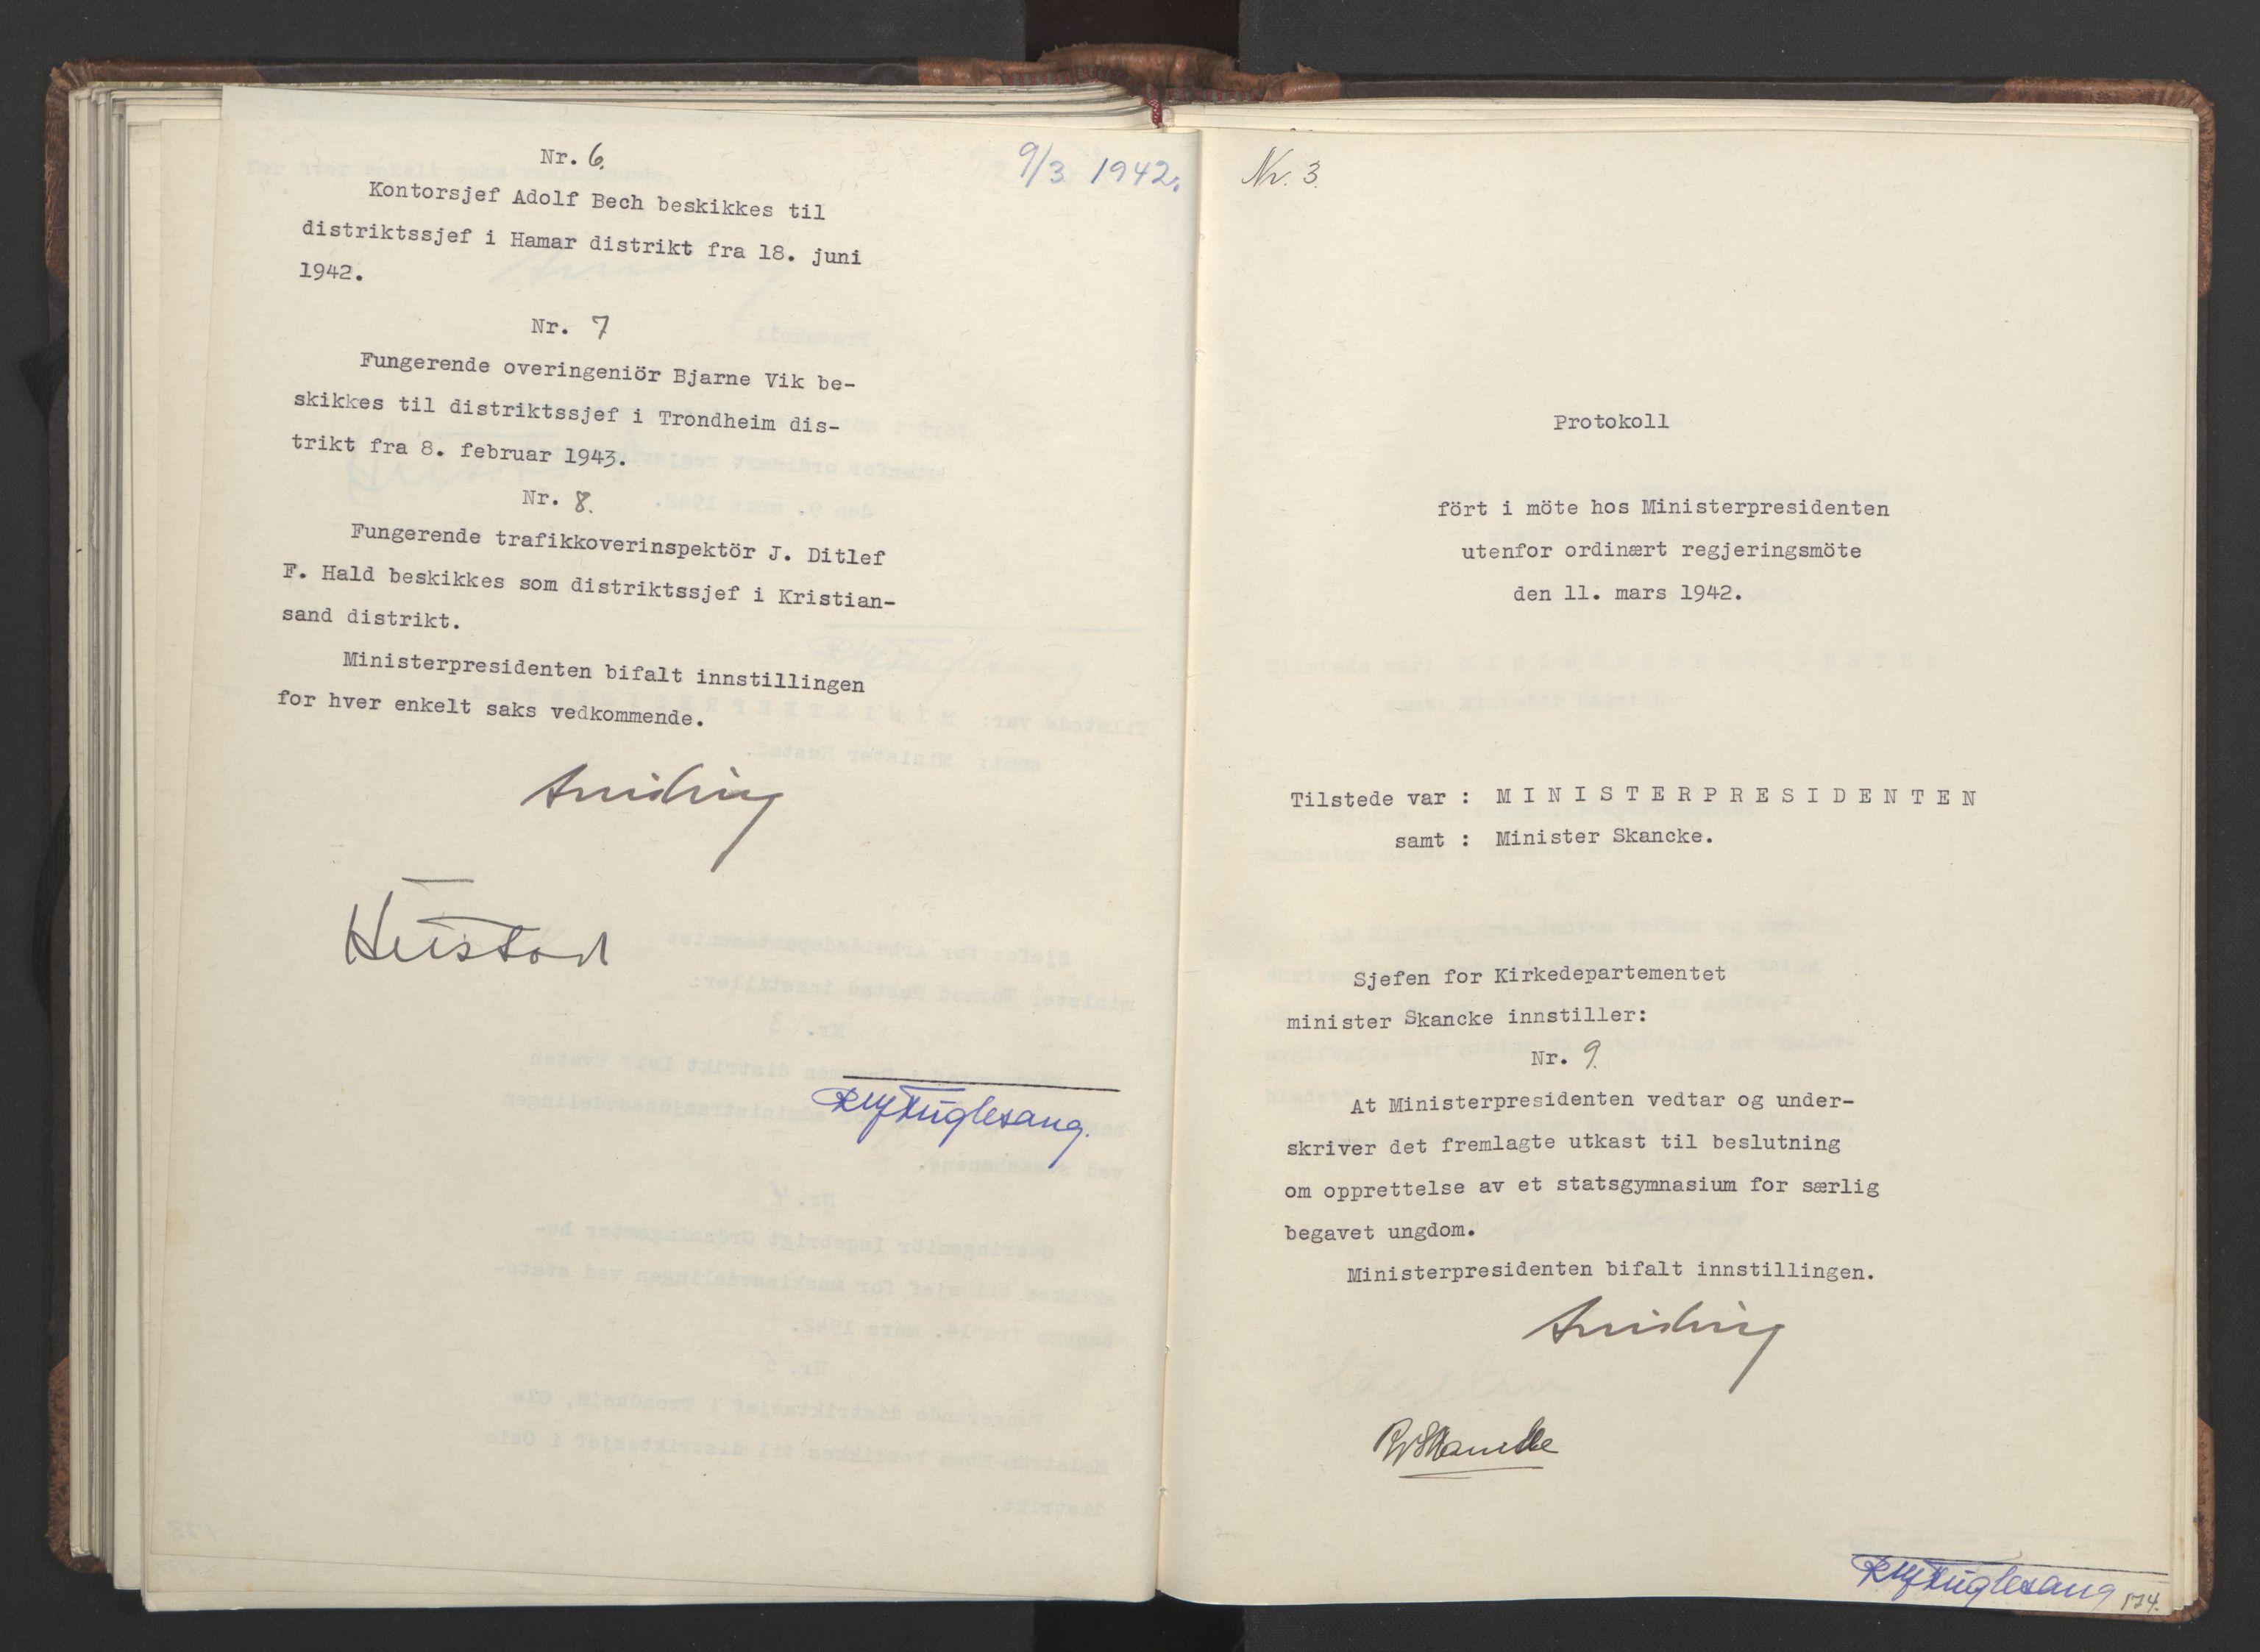 RA, NS-administrasjonen 1940-1945 (Statsrådsekretariatet, de kommisariske statsråder mm), D/Da/L0001: Beslutninger og tillegg (1-952 og 1-32), 1942, s. 173b-174a